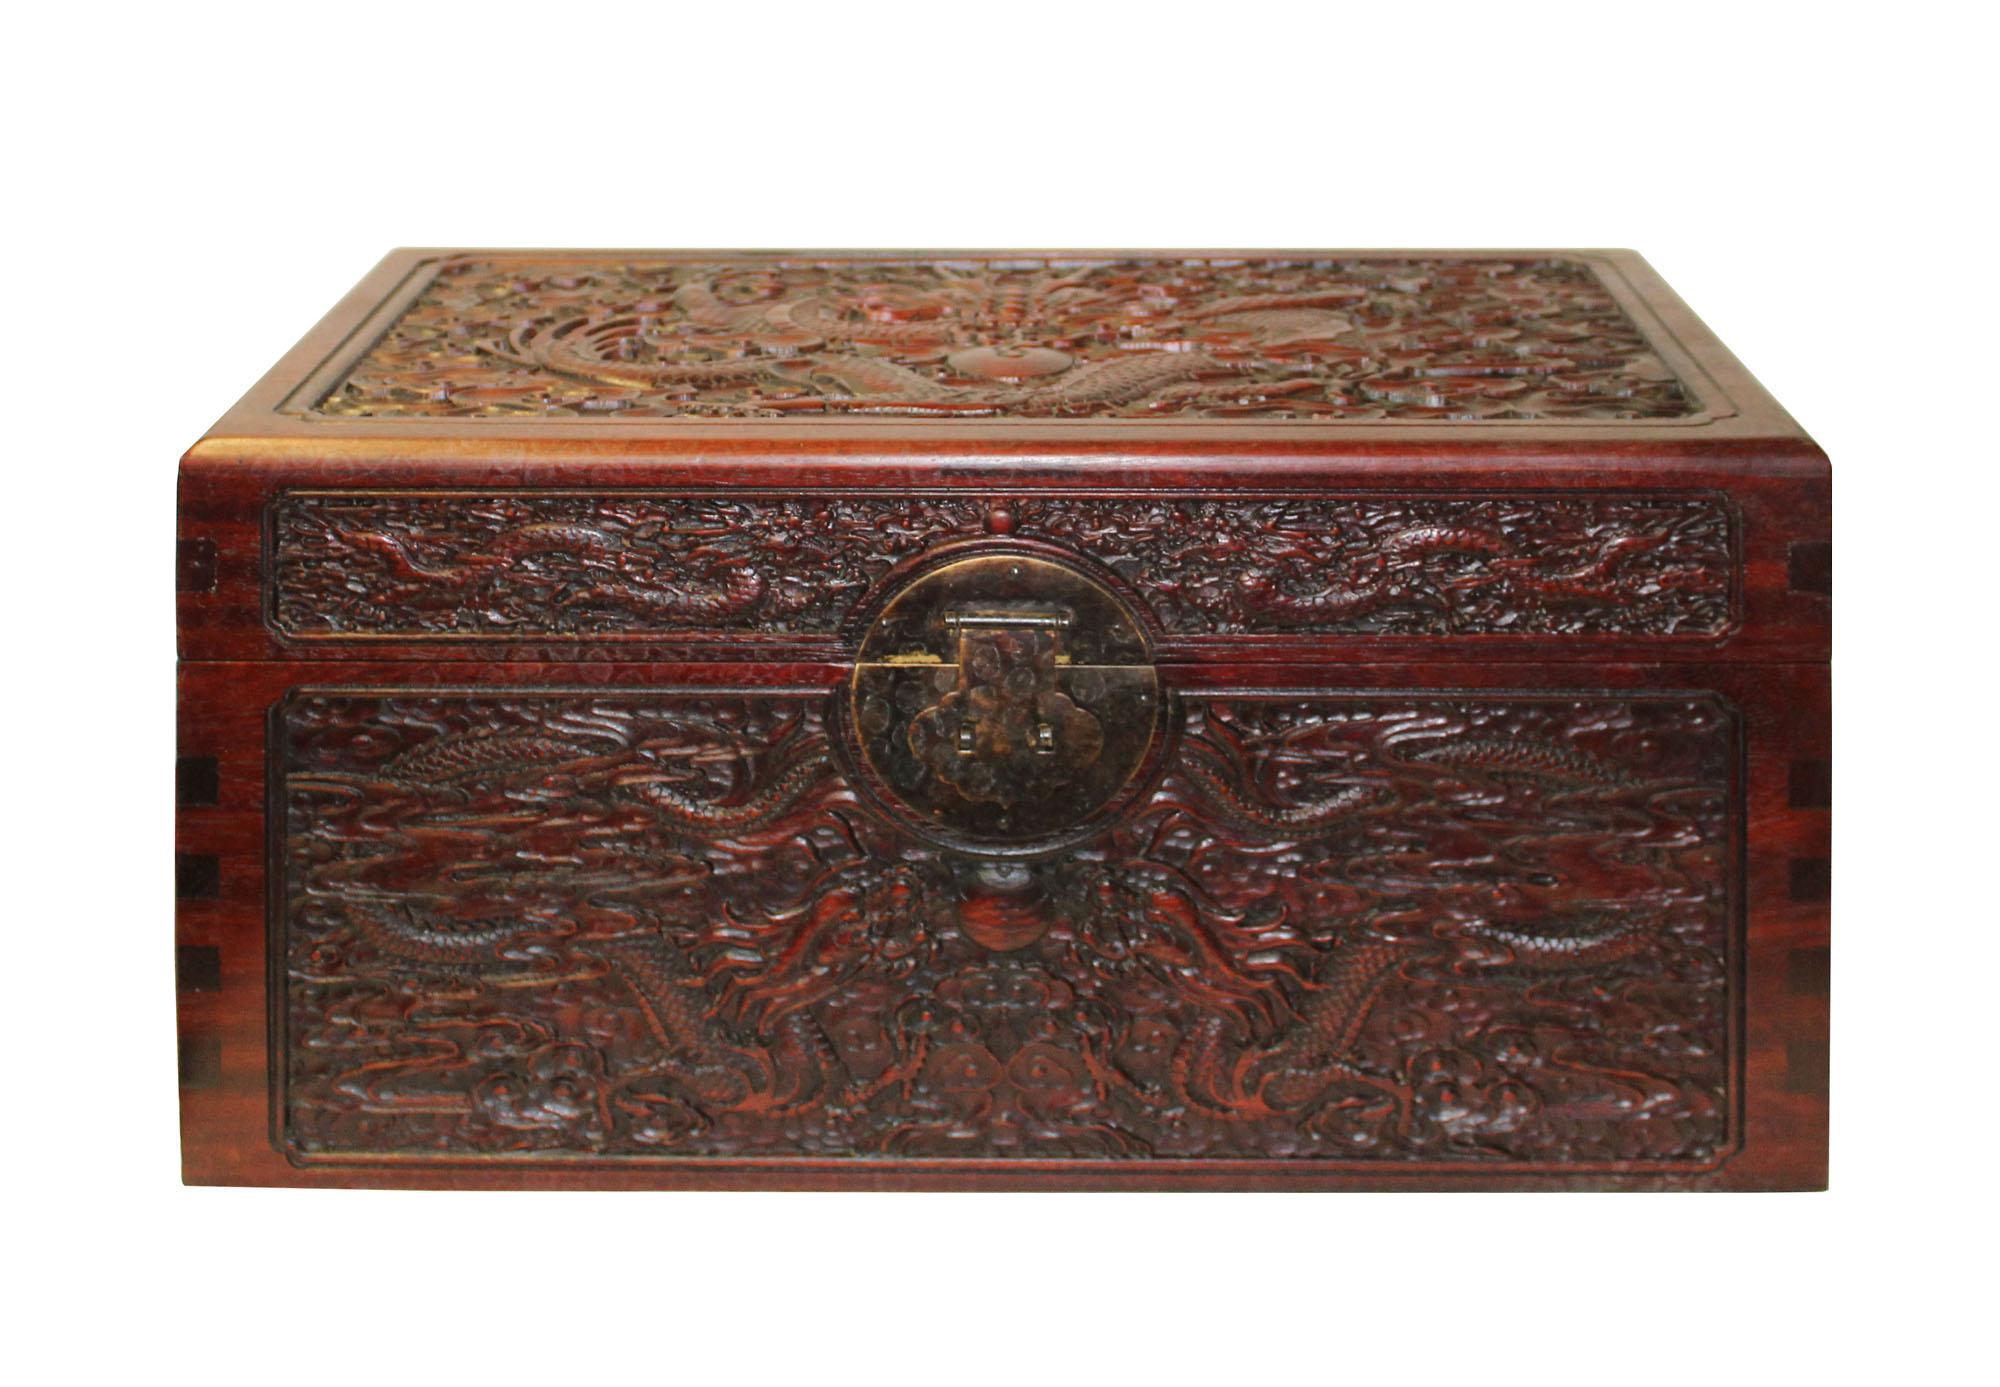 Merveilleux Chinese Reddish Brown Relief Dragons Motif Rectangular Storage Box Chest